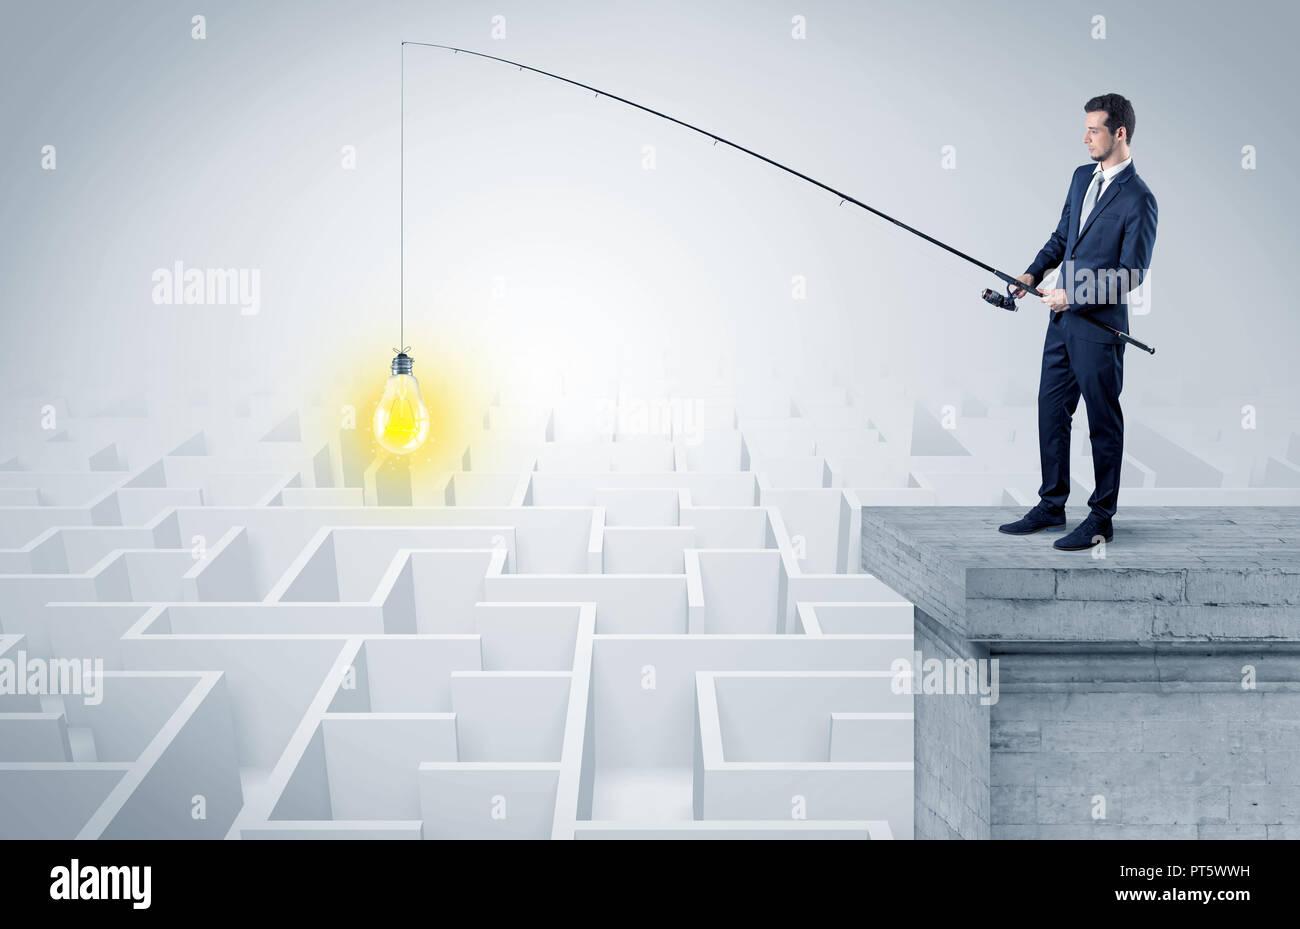 Joven empresario de la pesca nueva idea concepto sobre la parte superior de un edificio de un laberinto. Imagen De Stock